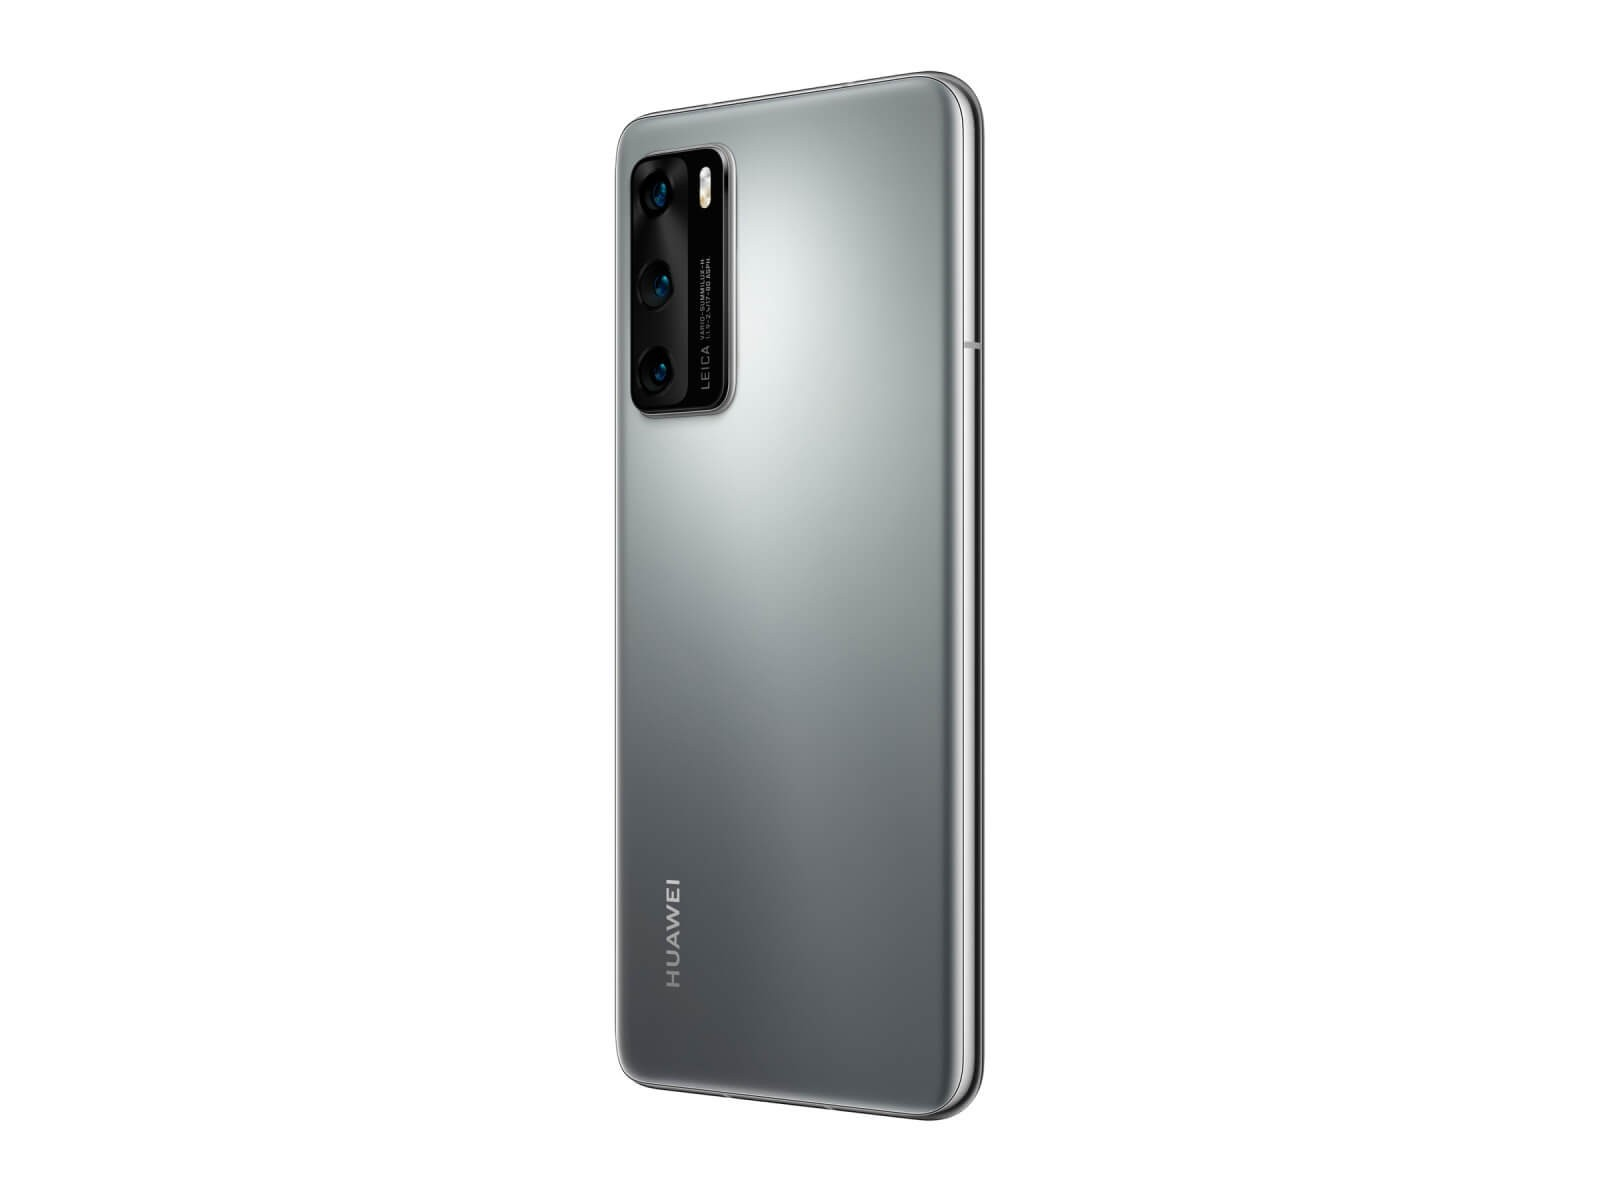 سری گوشیهای P40 هوآوی رسما معرفی شدند؛ نبرد هوآوی برای پادشاهی 7 - سری گوشیهای P40 هوآوی رسما معرفی شدند؛ نبرد هوآوی برای پادشاهی - گوشی هوشمند, گوشی های هوشمند, گوشی P40 Pro, هوآوی, نقد و بررسی گوشی موبایل